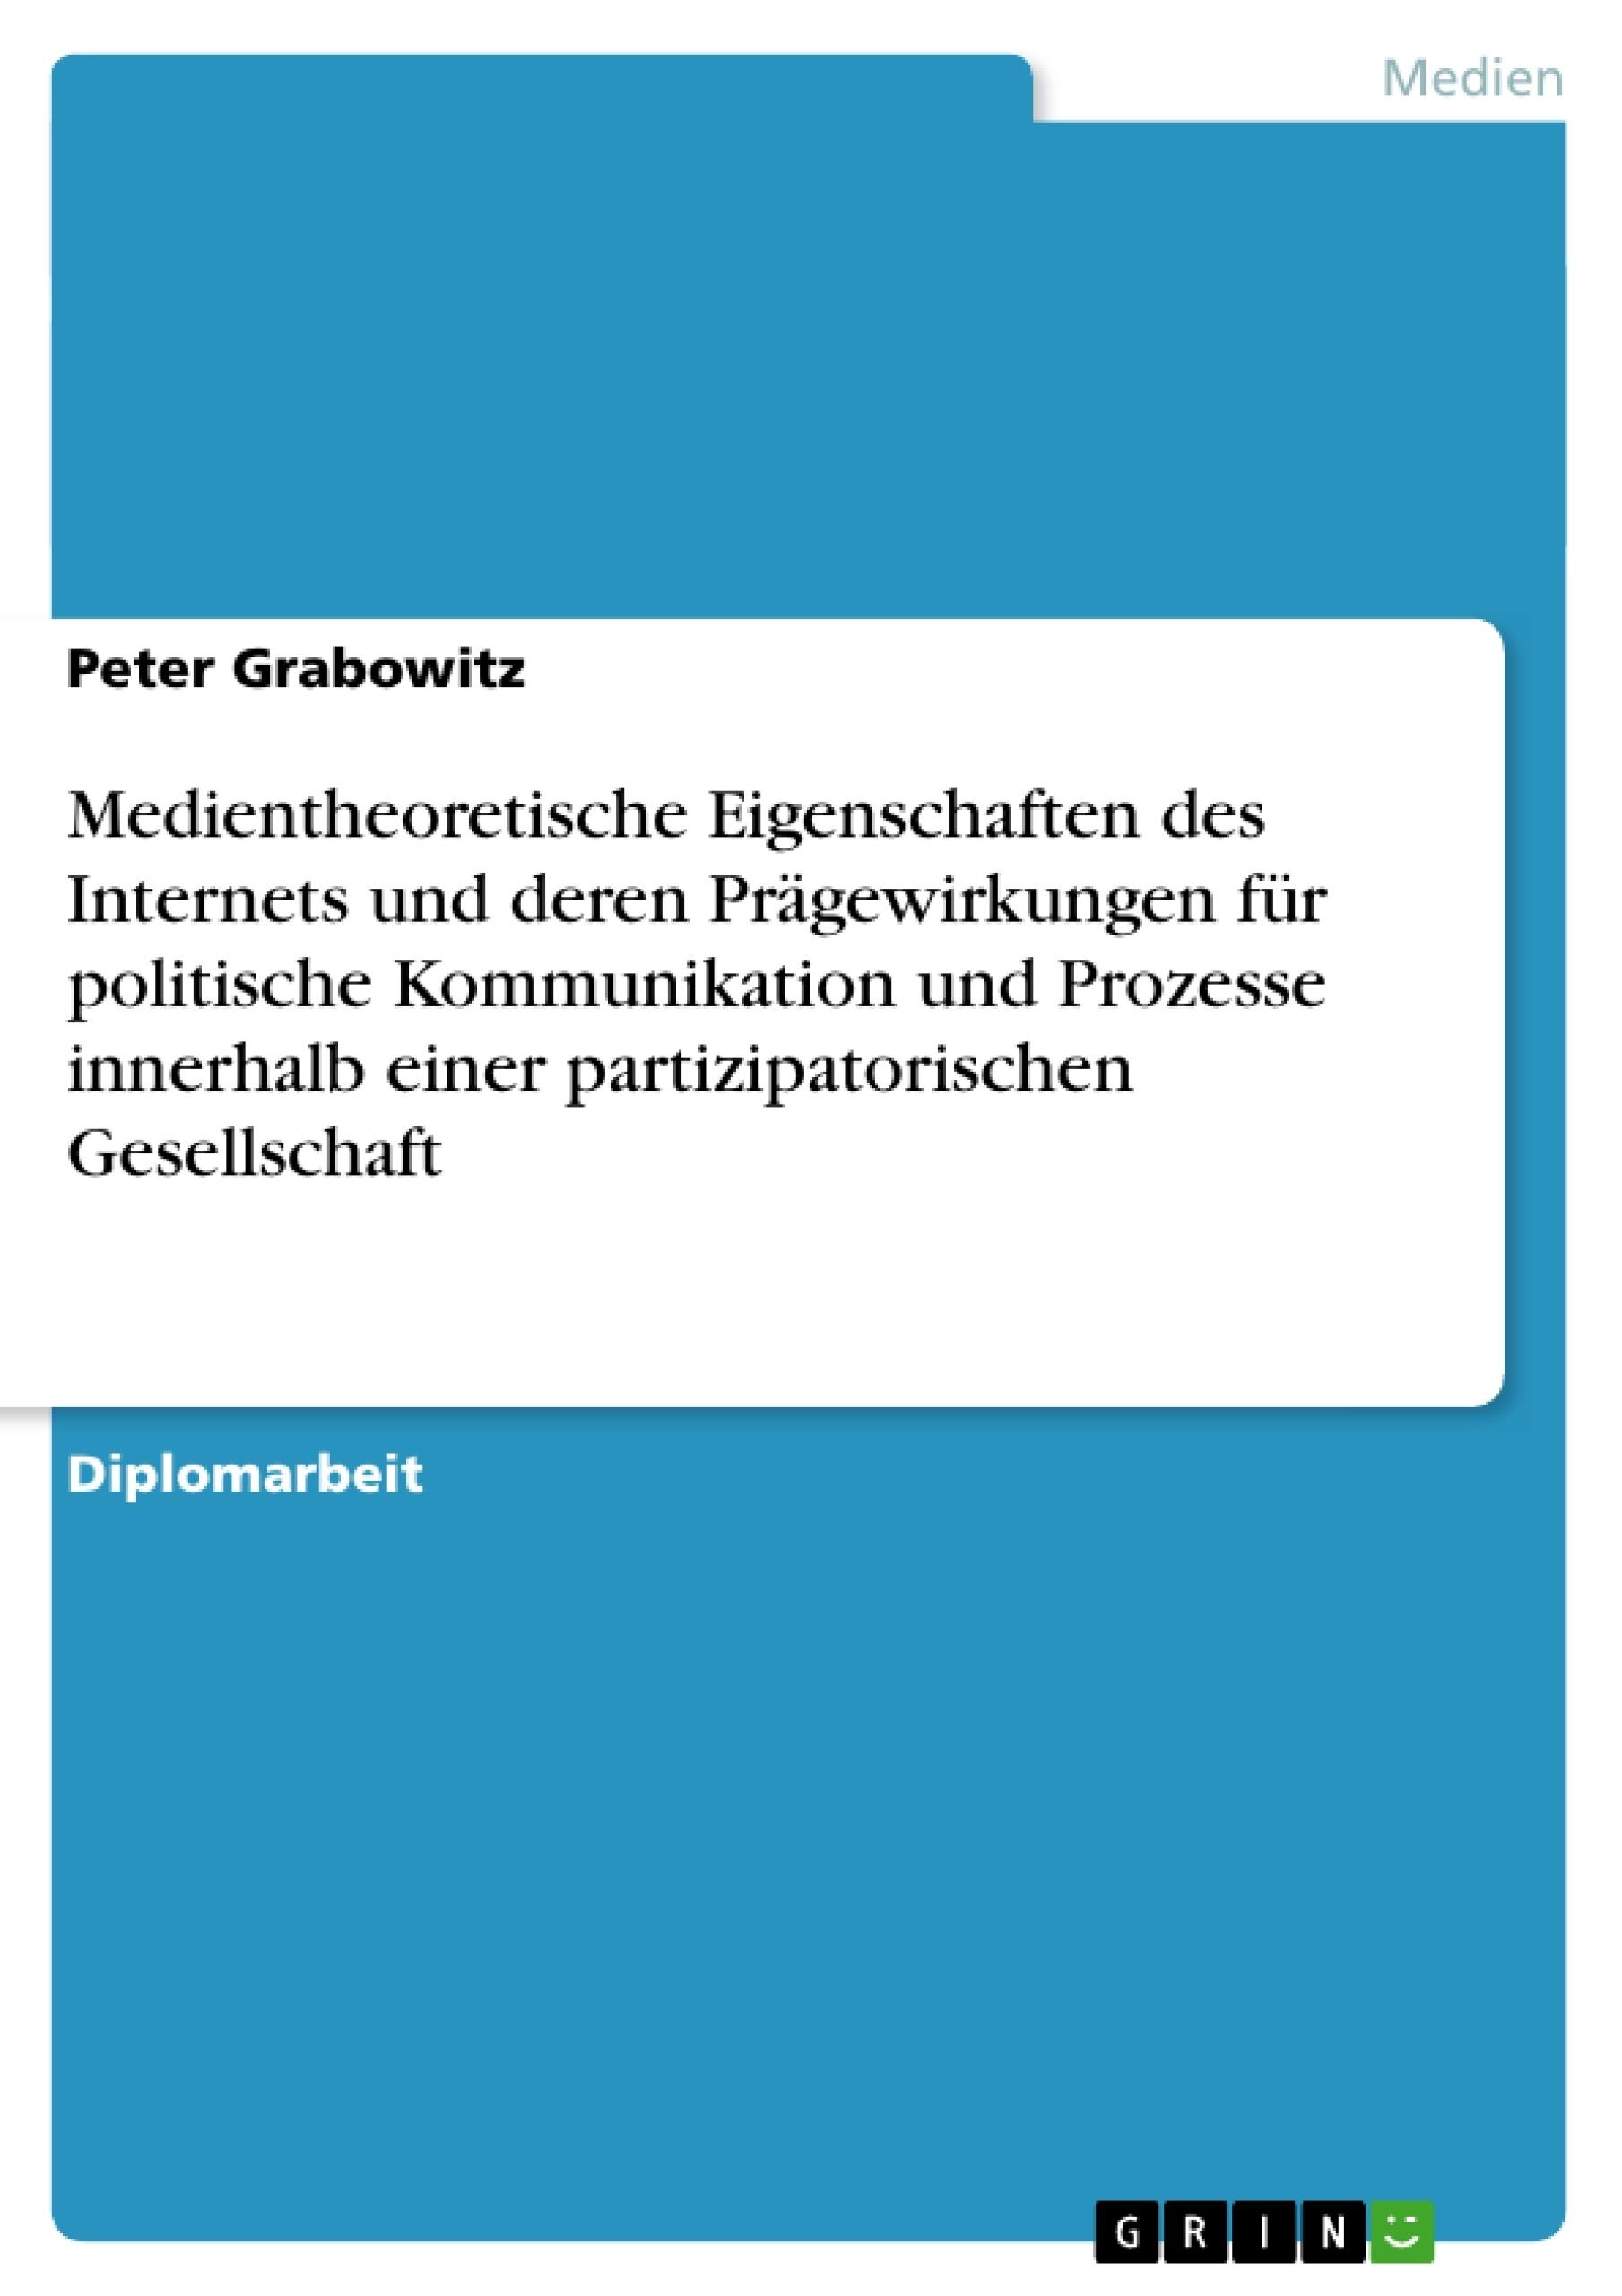 Titel: Medientheoretische Eigenschaften des Internets und deren Prägewirkungen für politische Kommunikation und Prozesse innerhalb einer partizipatorischen Gesellschaft